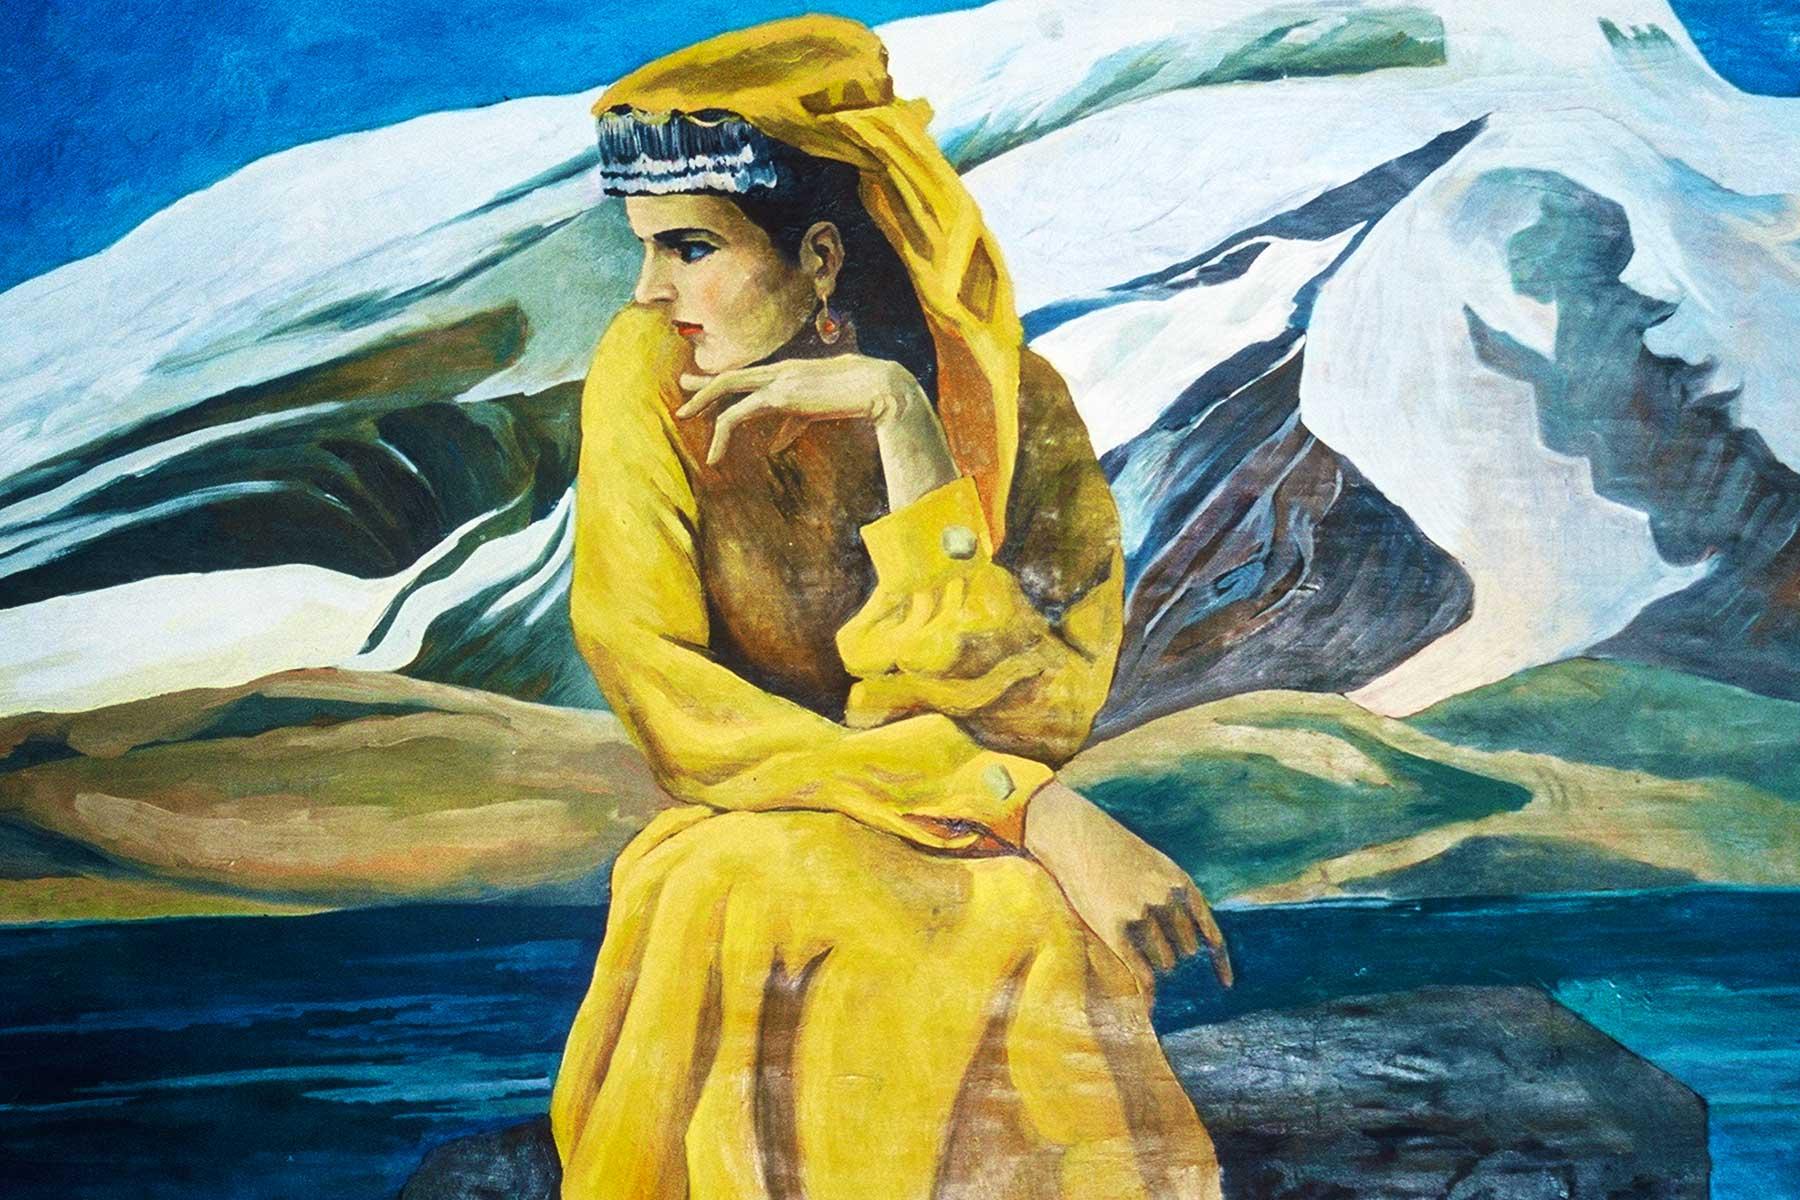 Tashkurgan | Tajik Woman | Xinjiang, China - Dr Steven Martin - Silk Road Research 2001